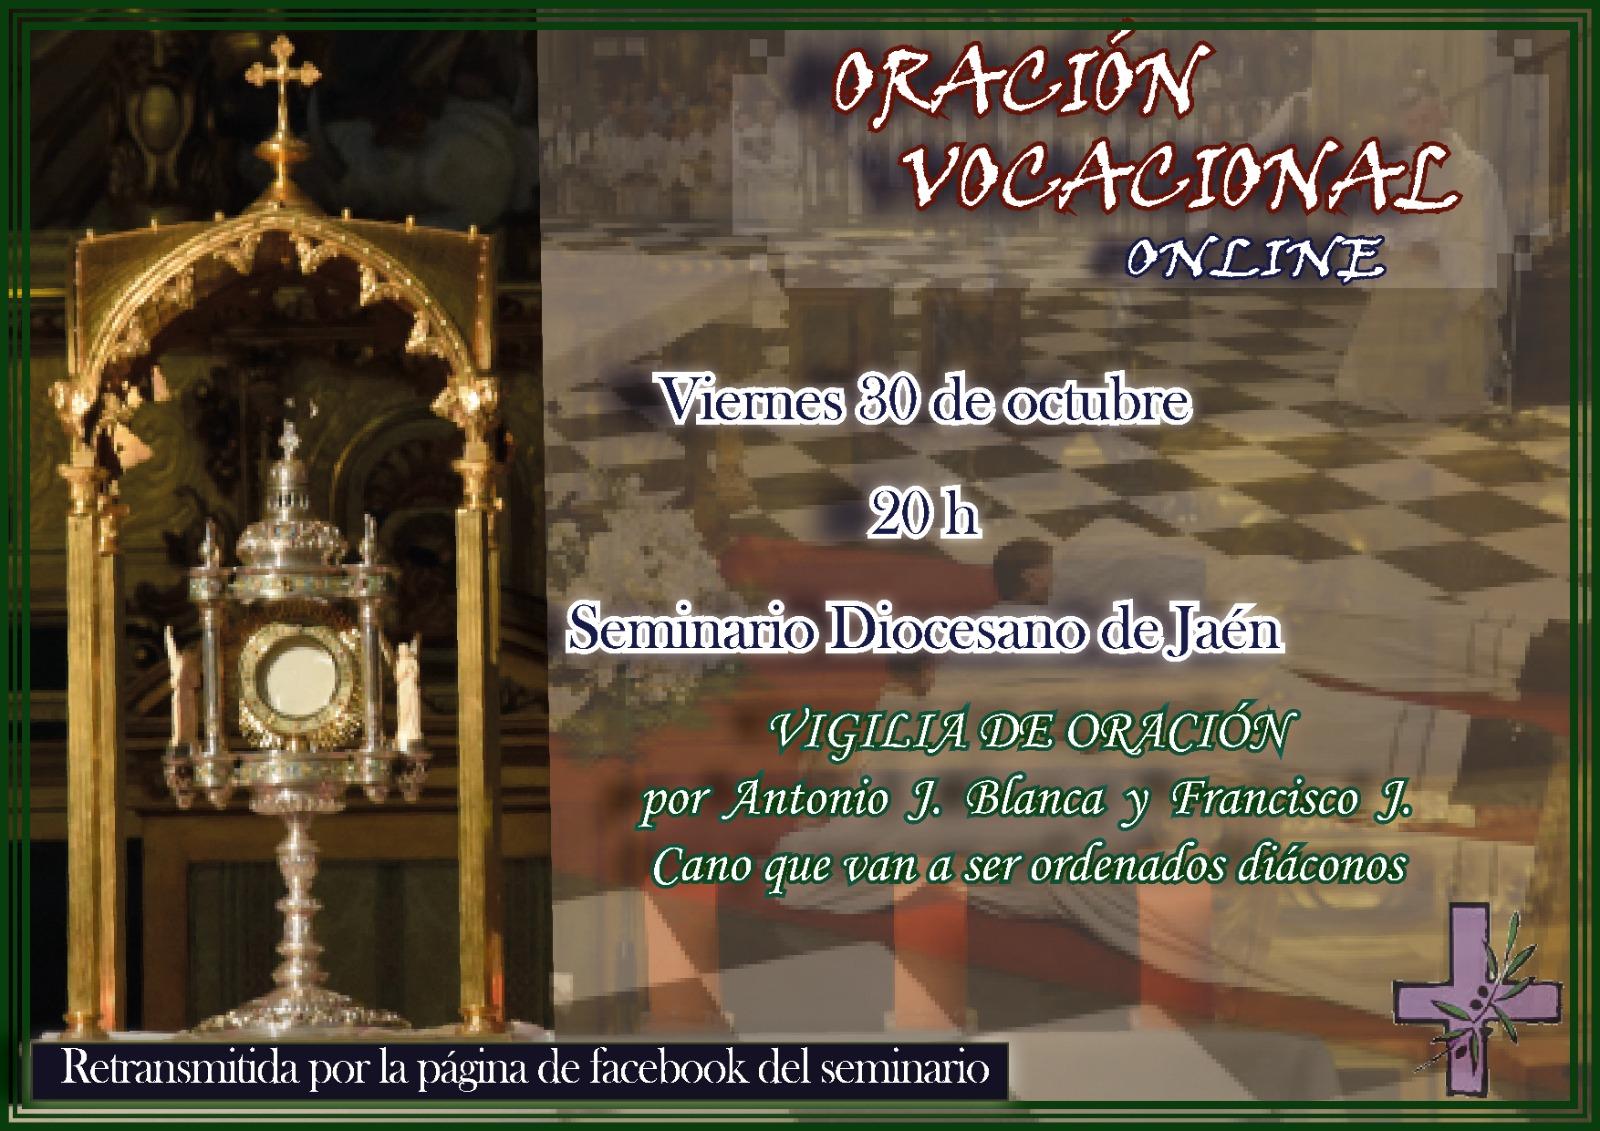 Diócesis de Jaen -España-: La oración vocacional del mes de octubre será online por los nuevos diáconos